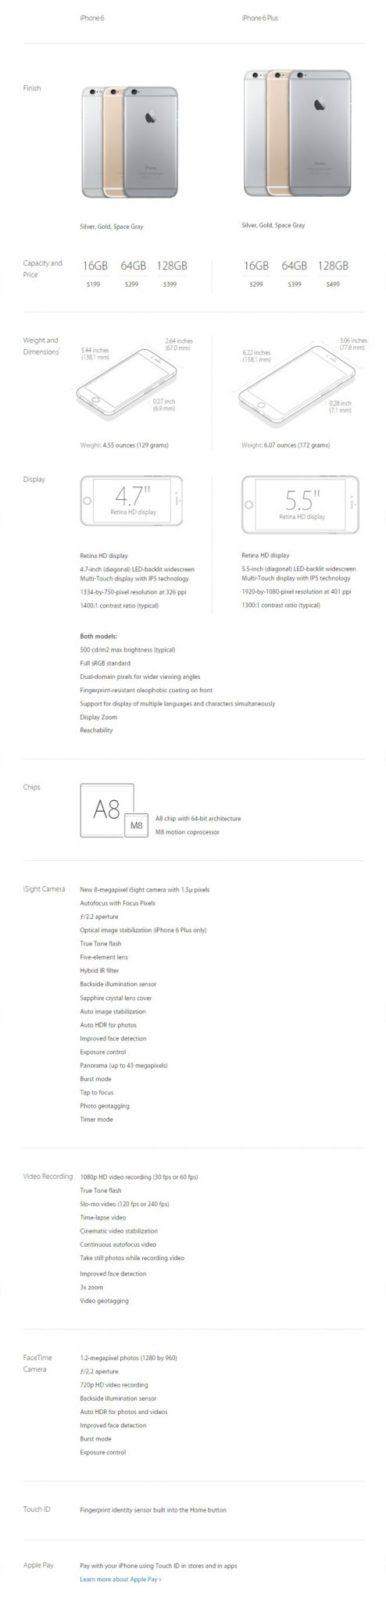 iPhone 6 VS iPhone 6 plus Features & Specs Video Trailer